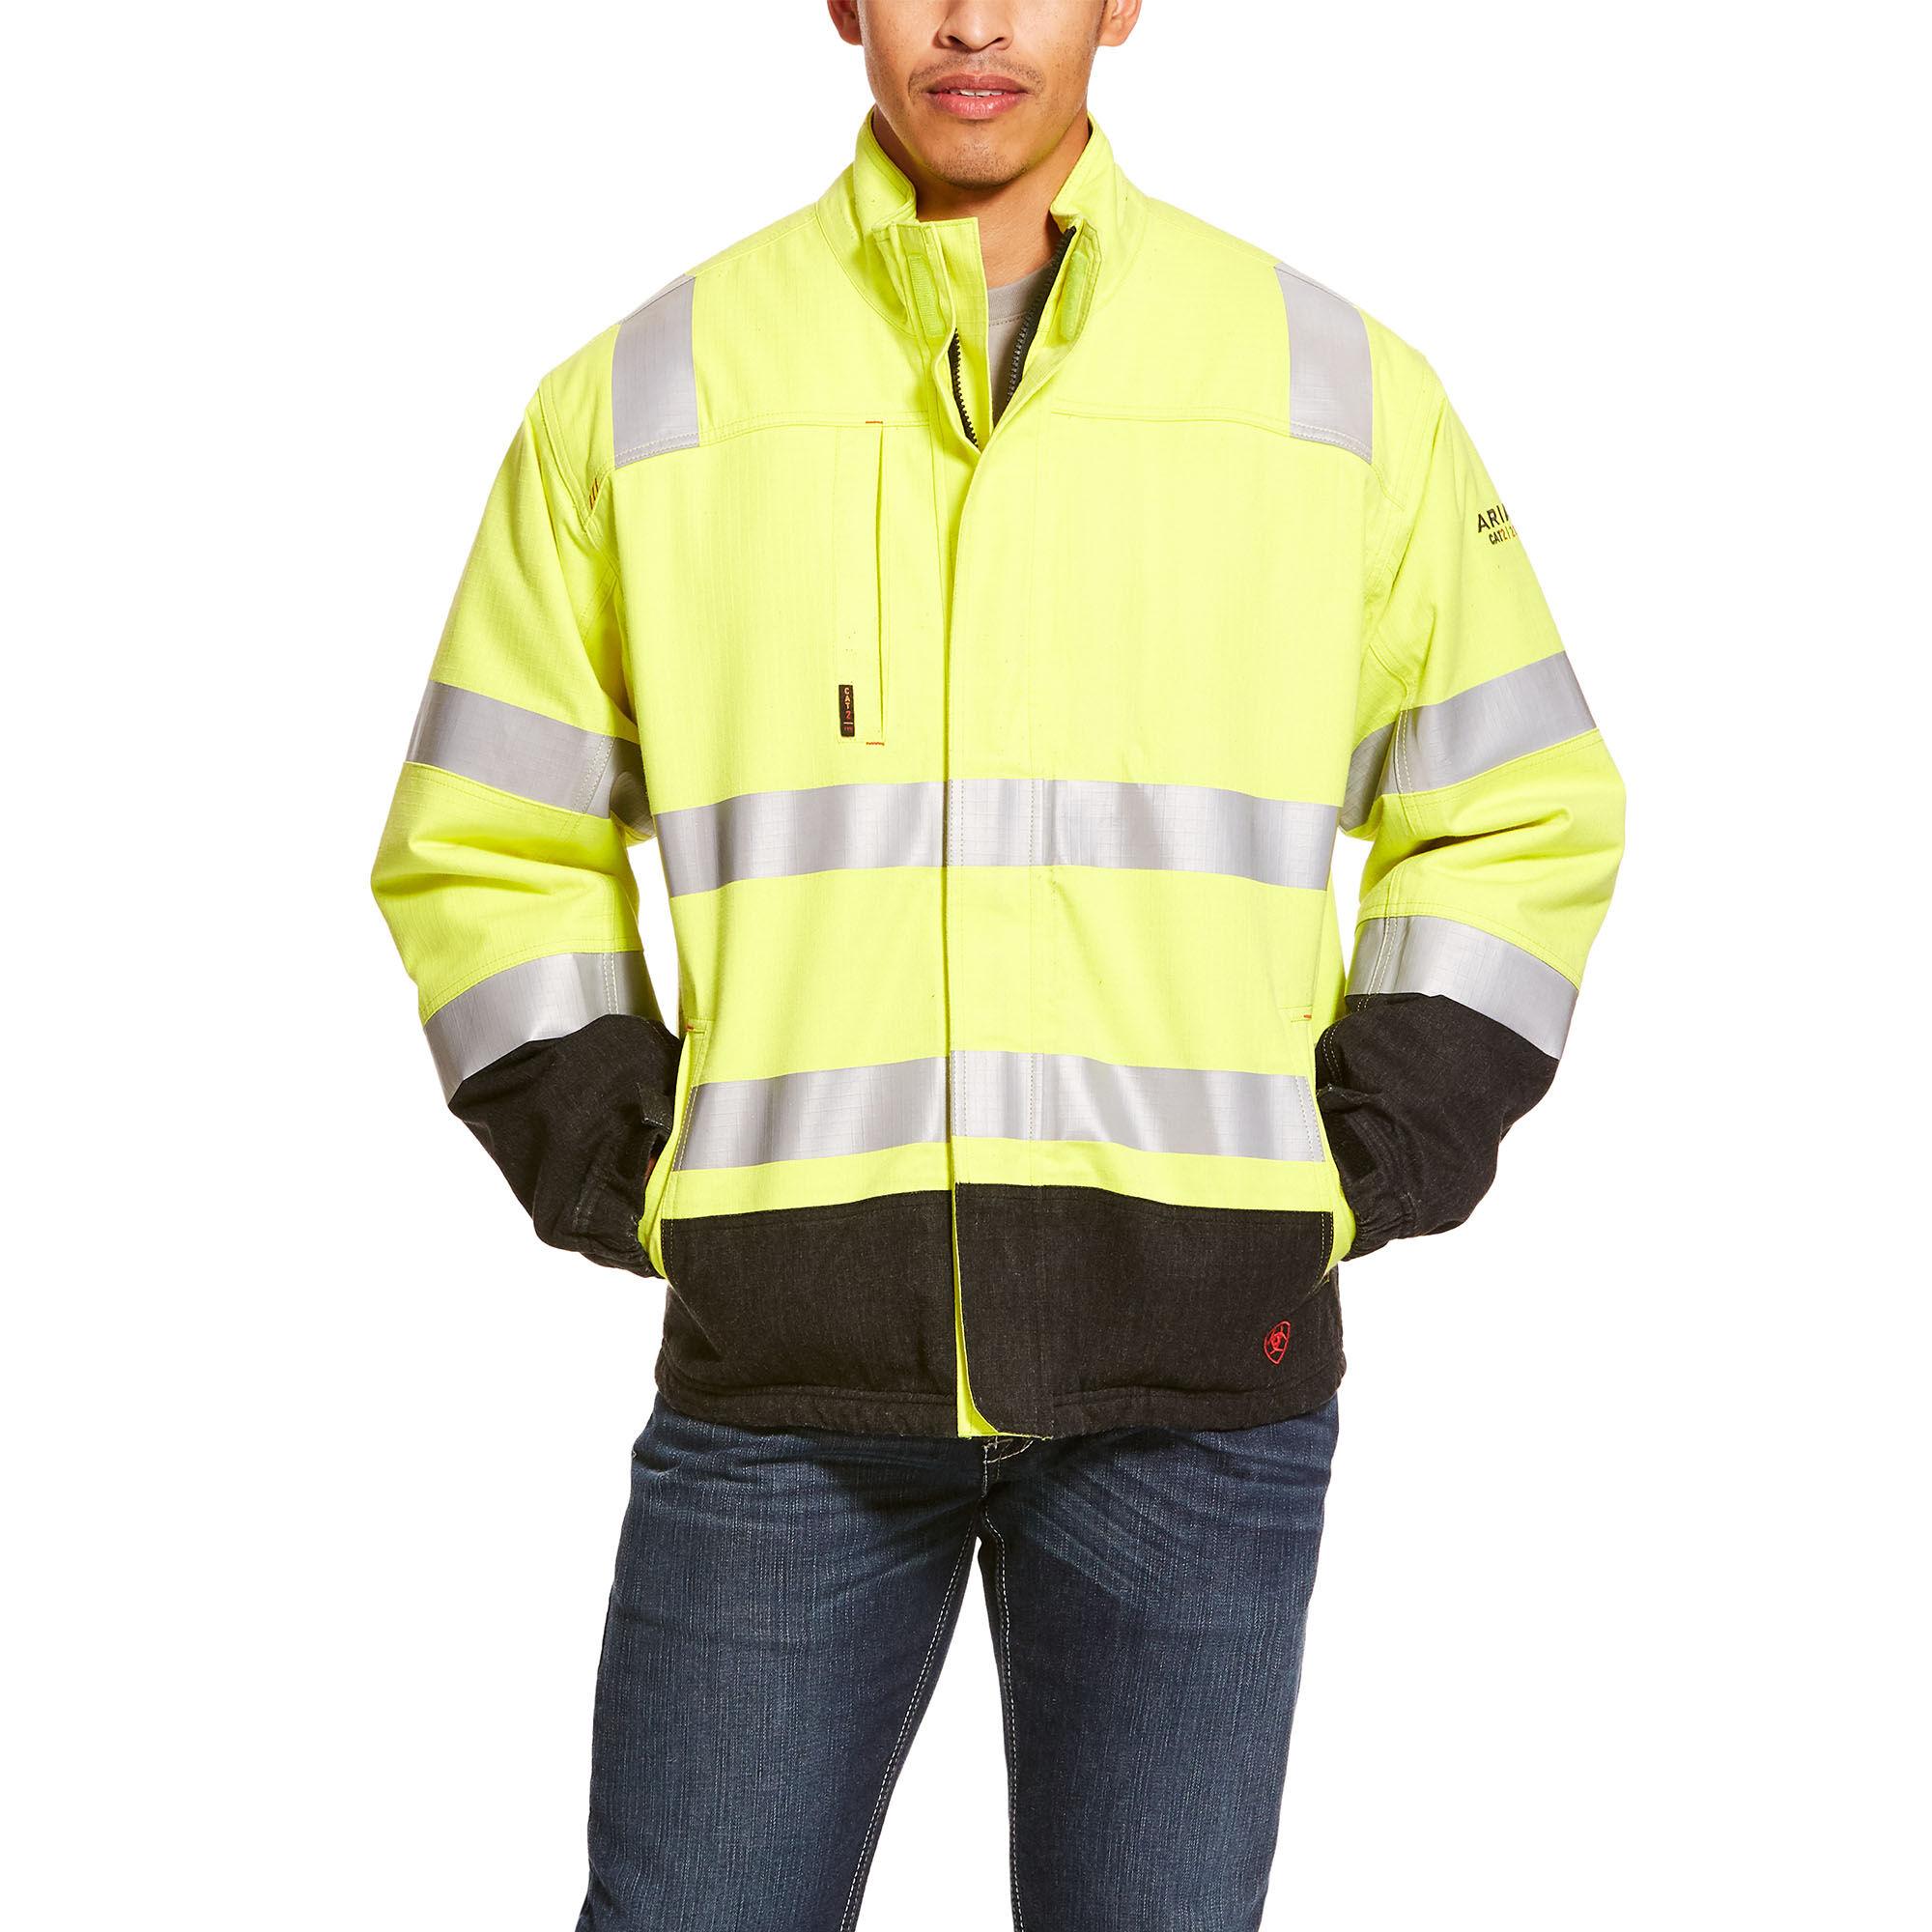 FR Hi-Vis Waterproof Jacket